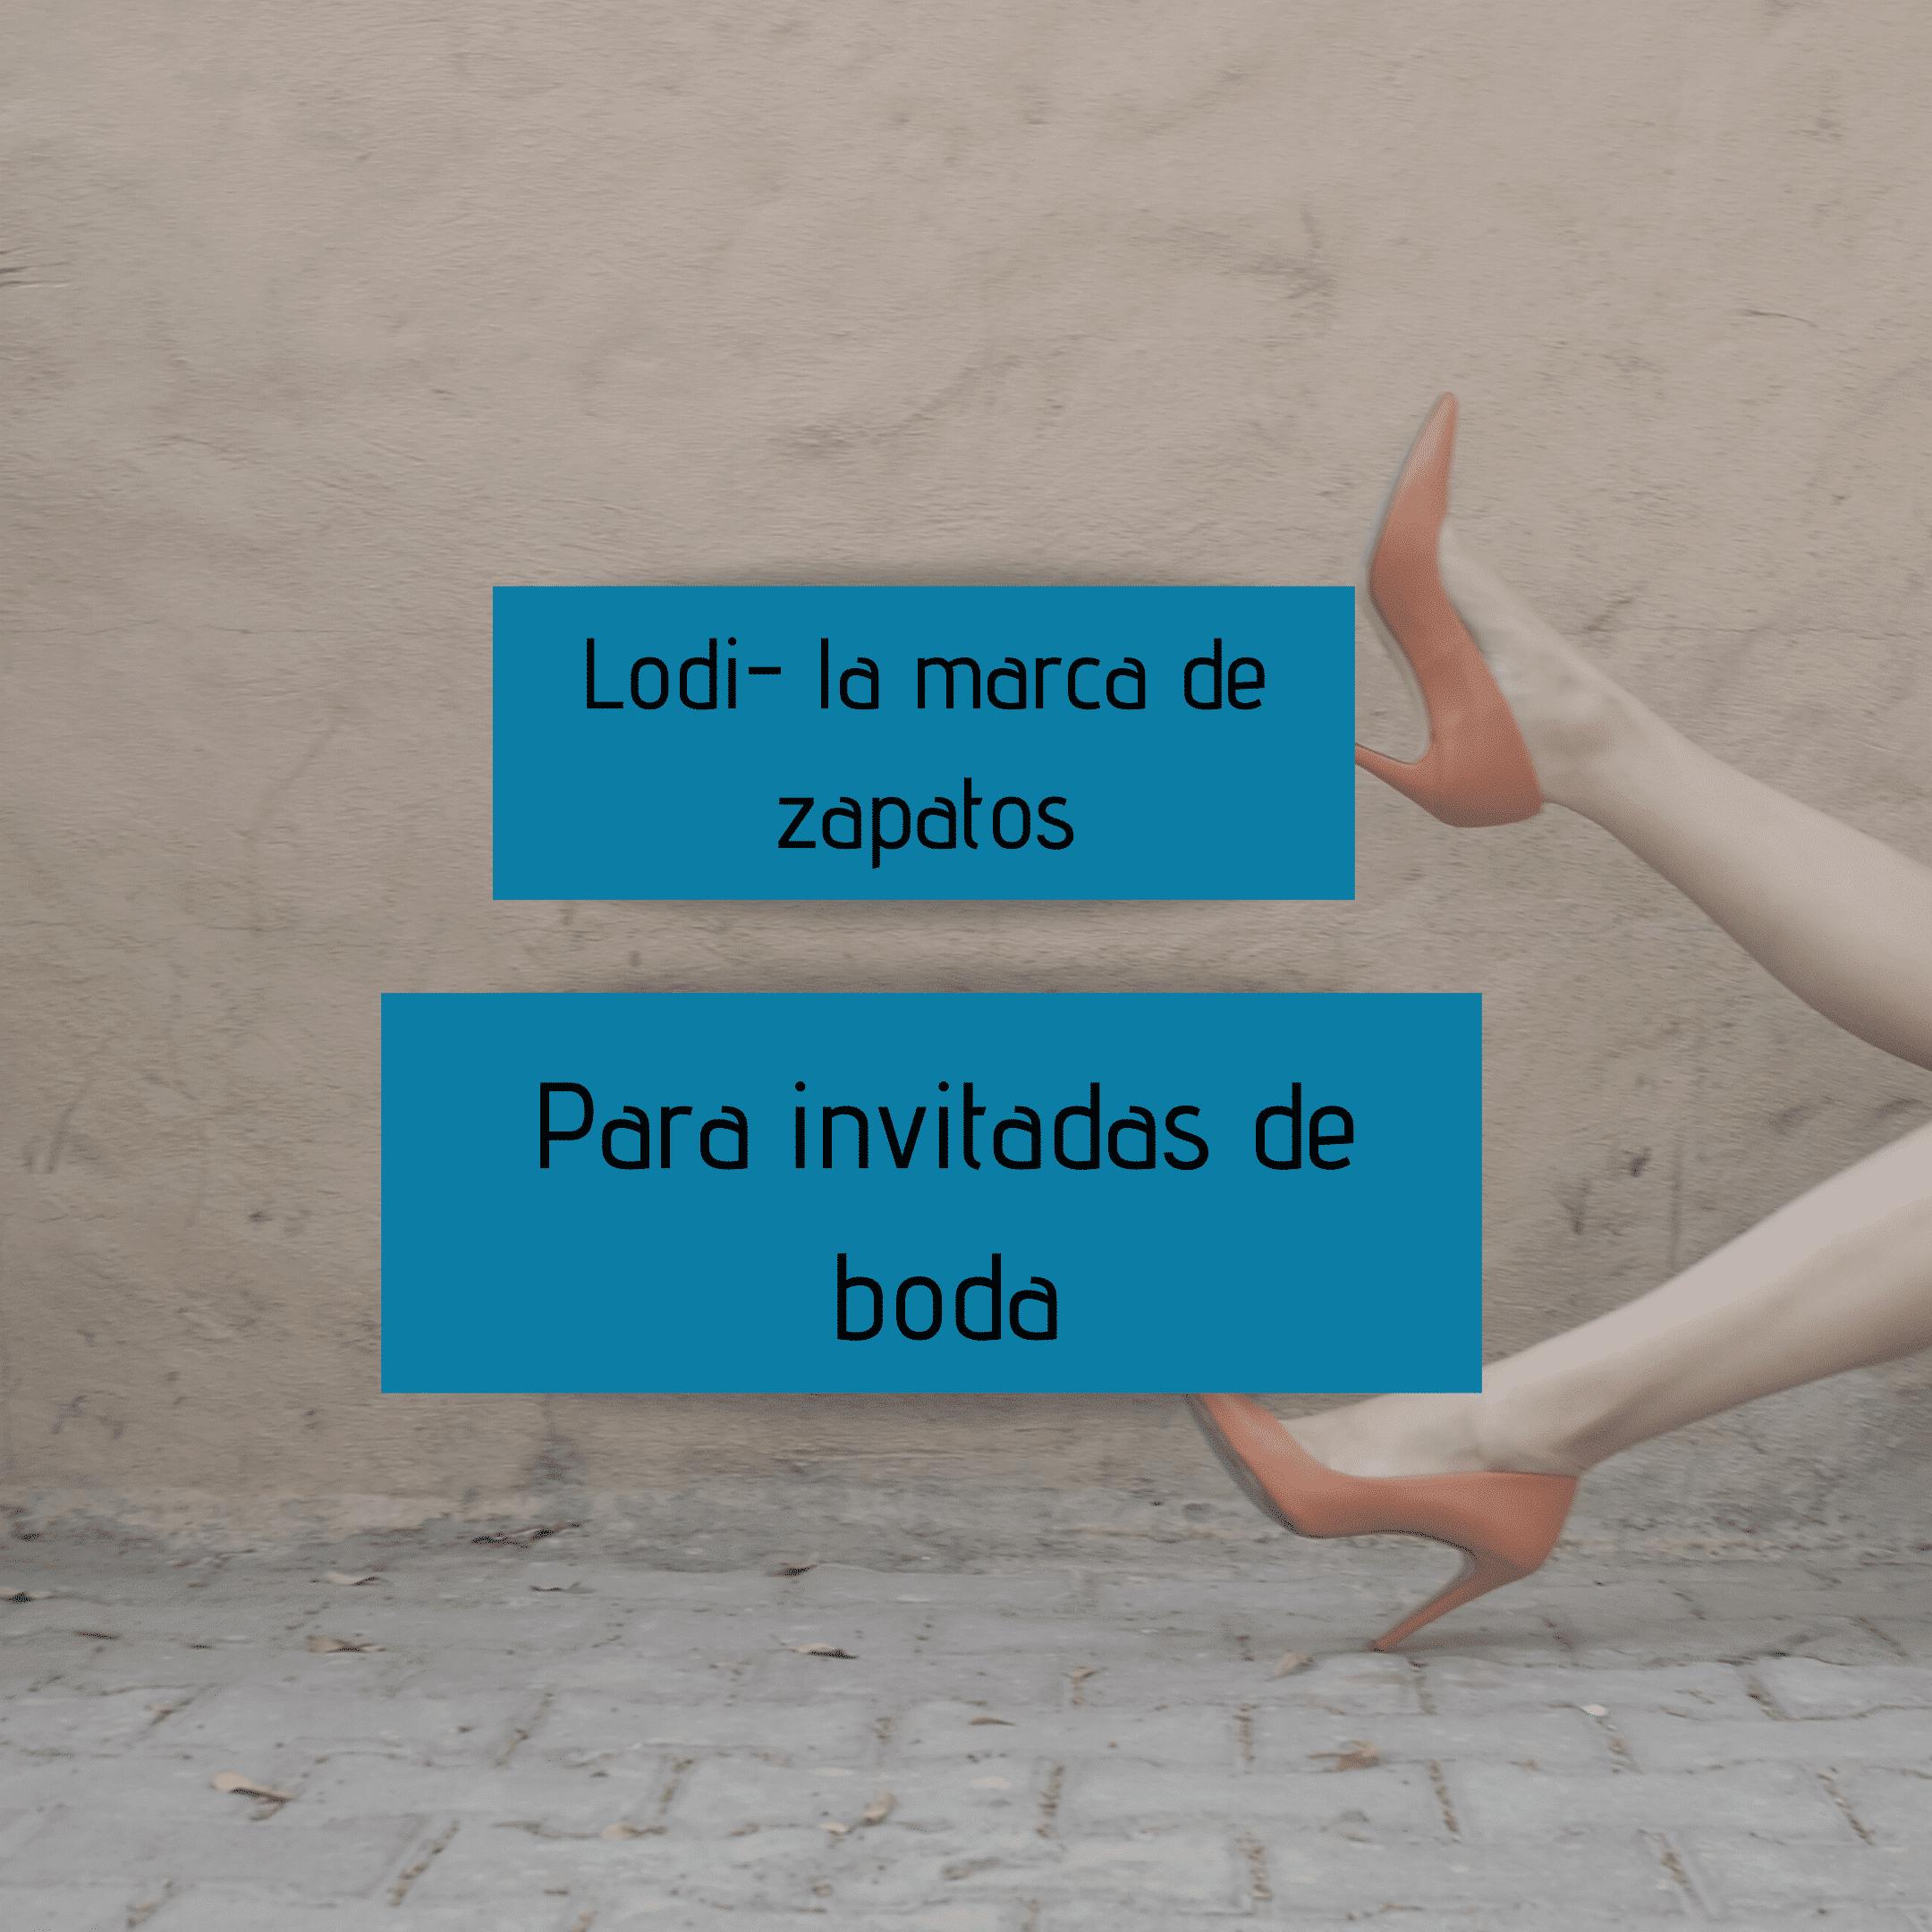 Lodi – La Marca de zapatos para invitadas de boda